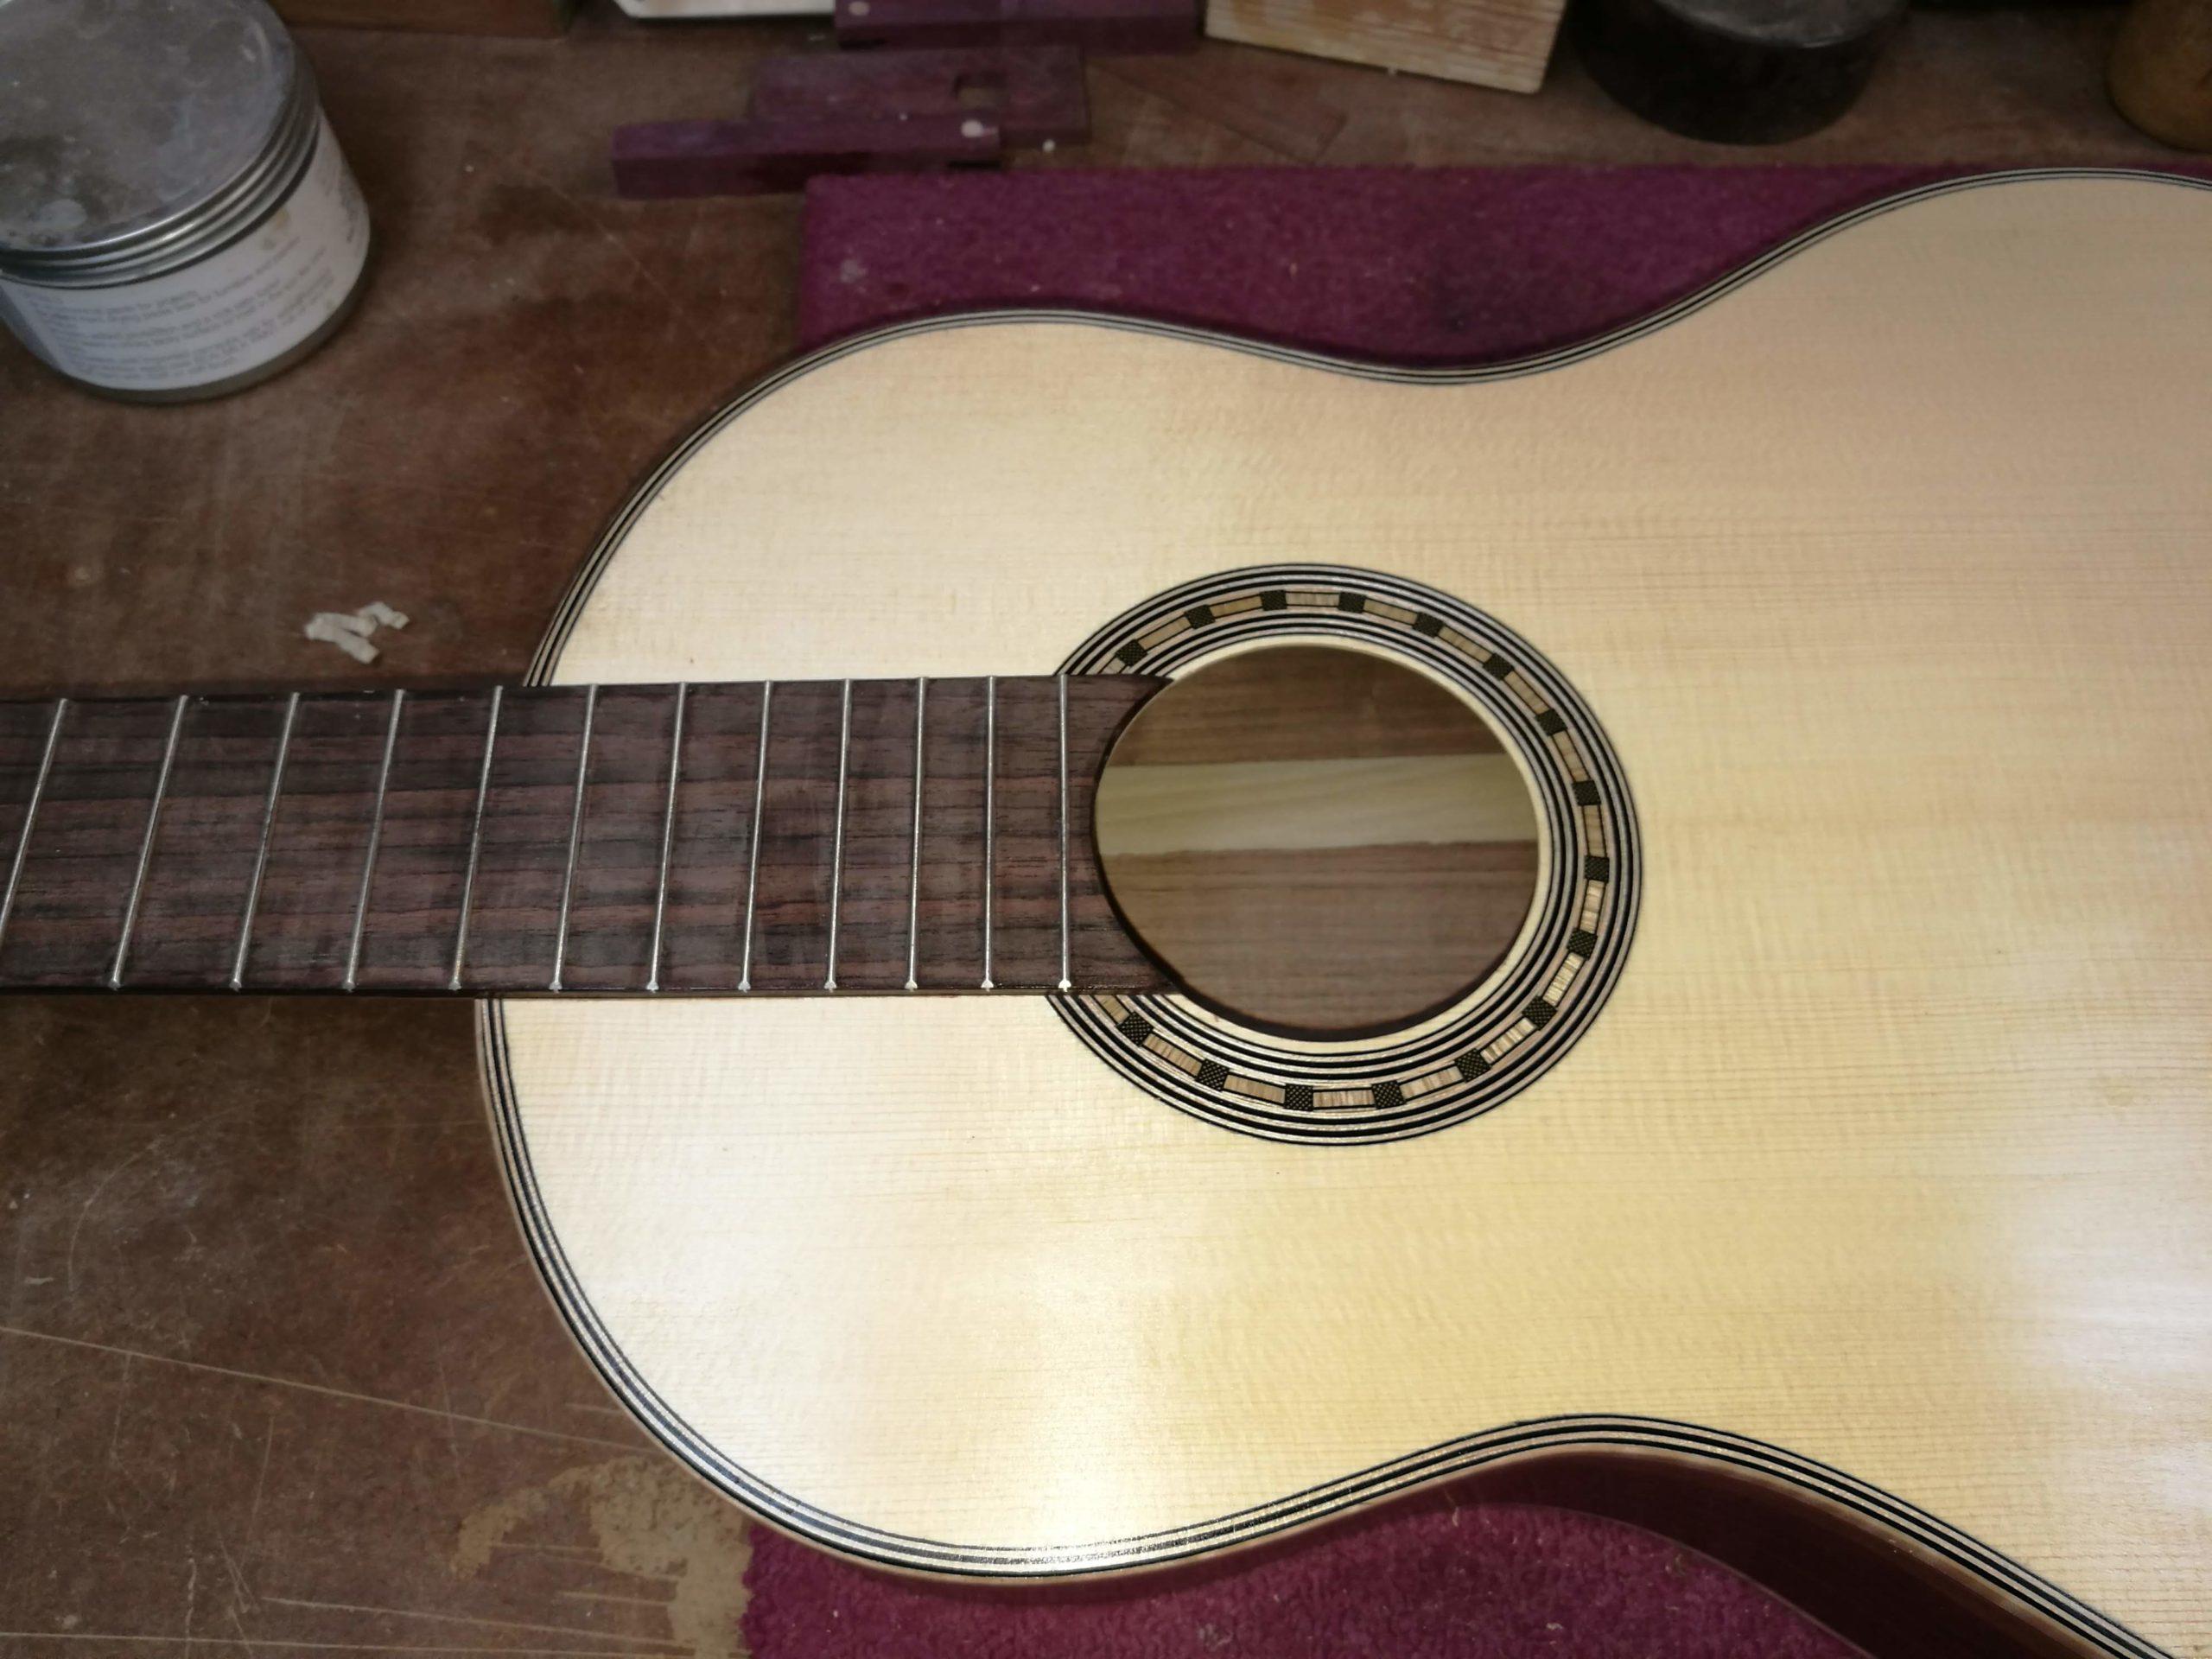 נגרות בהתאמה אישית - ייצור גיטרה - רסטורנו